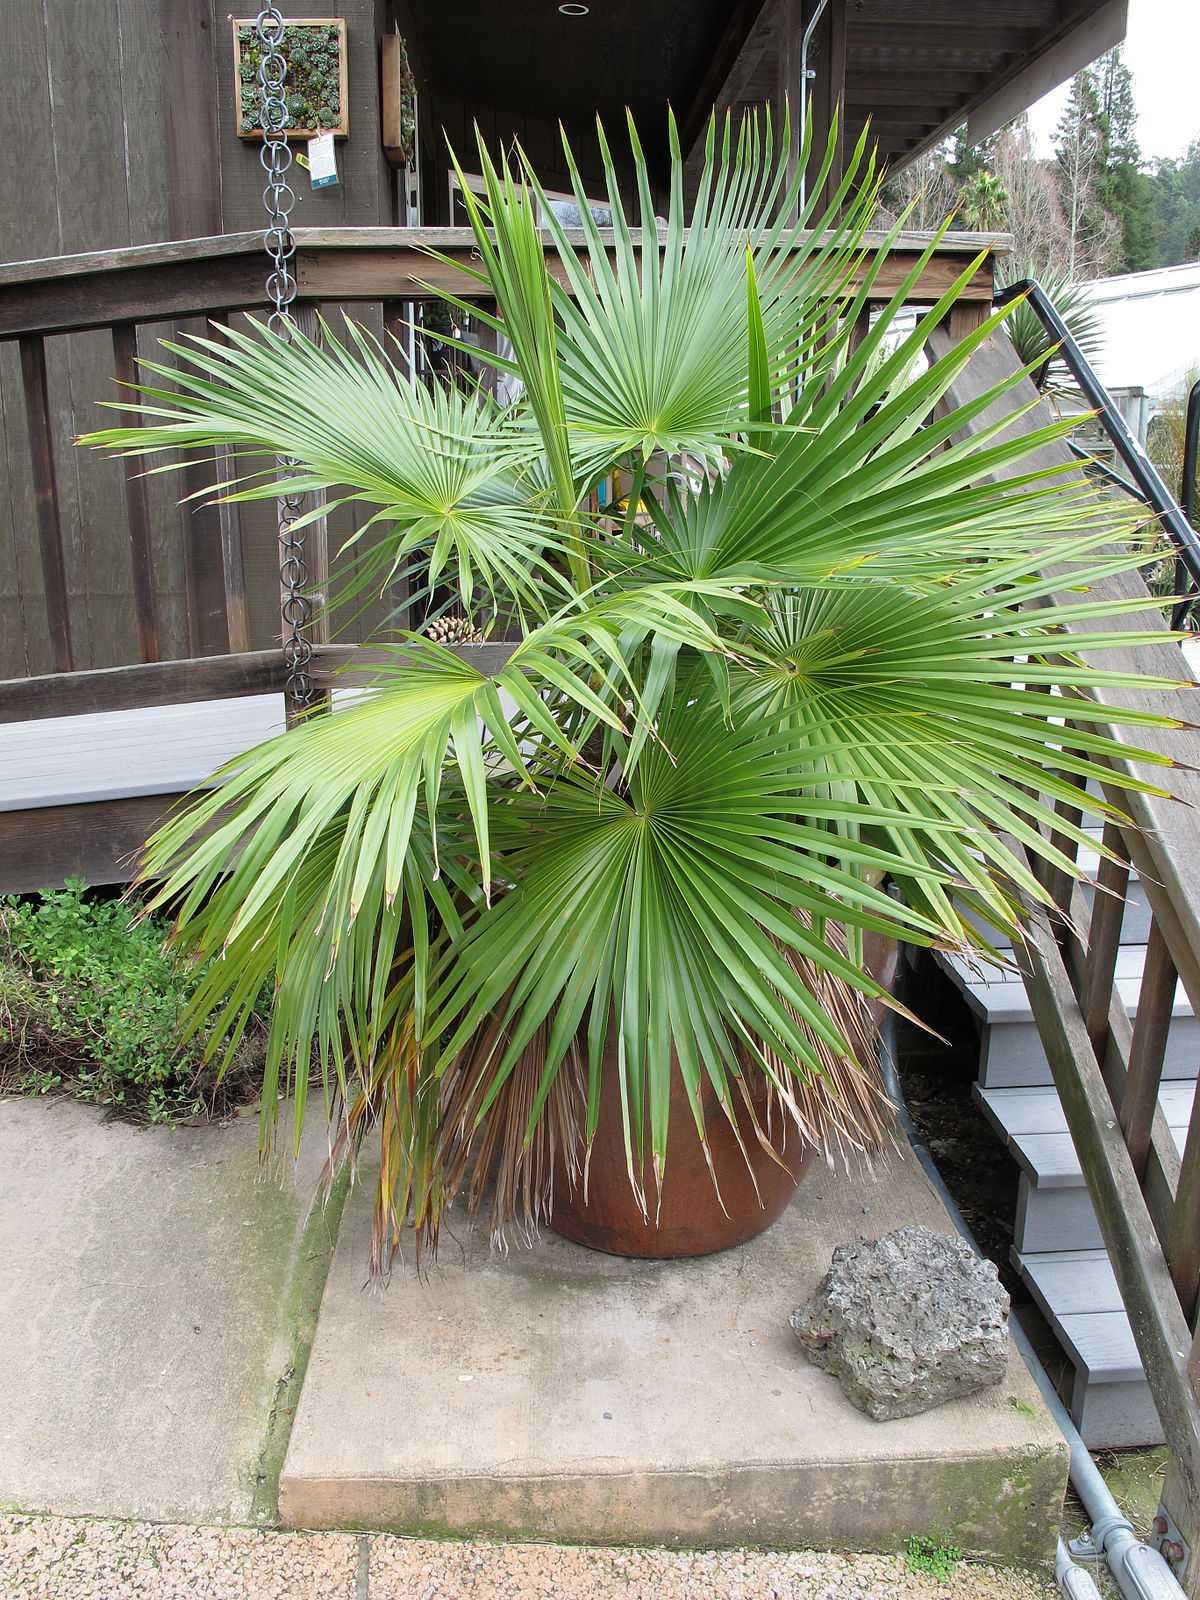 komnatnaya-palma-foto-video-vidy-palm-nazvanie-i-opisanie-rasteniya-8